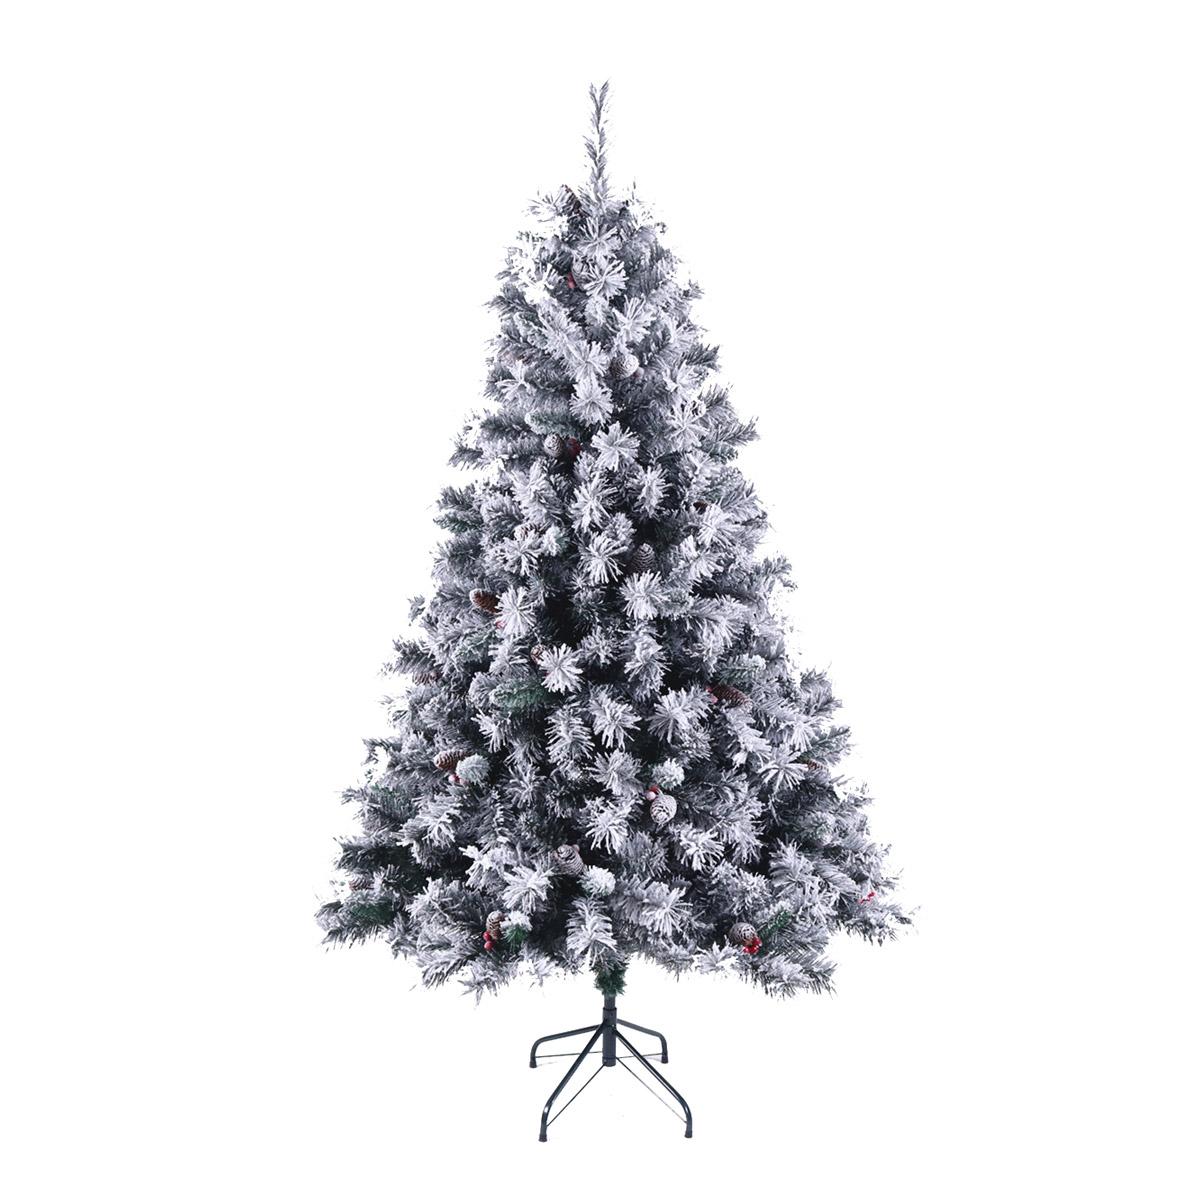 92029 SVITA Weihnachtsbaum künstlich mit Schnee und Tannenzapfen 180 cm